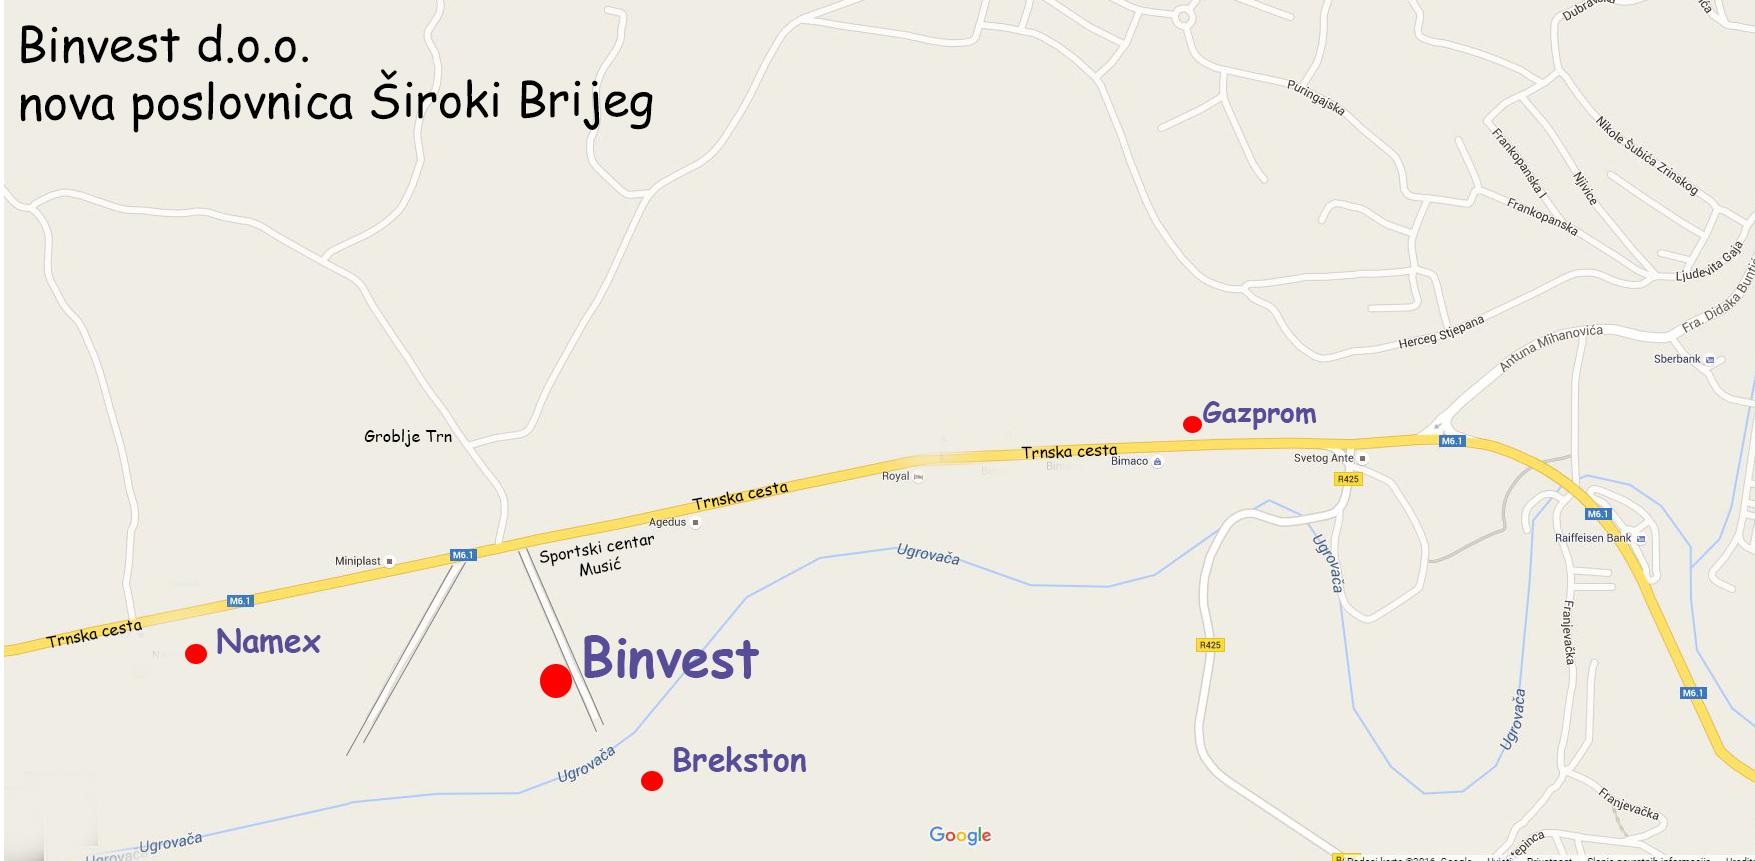 binvest_lokacija